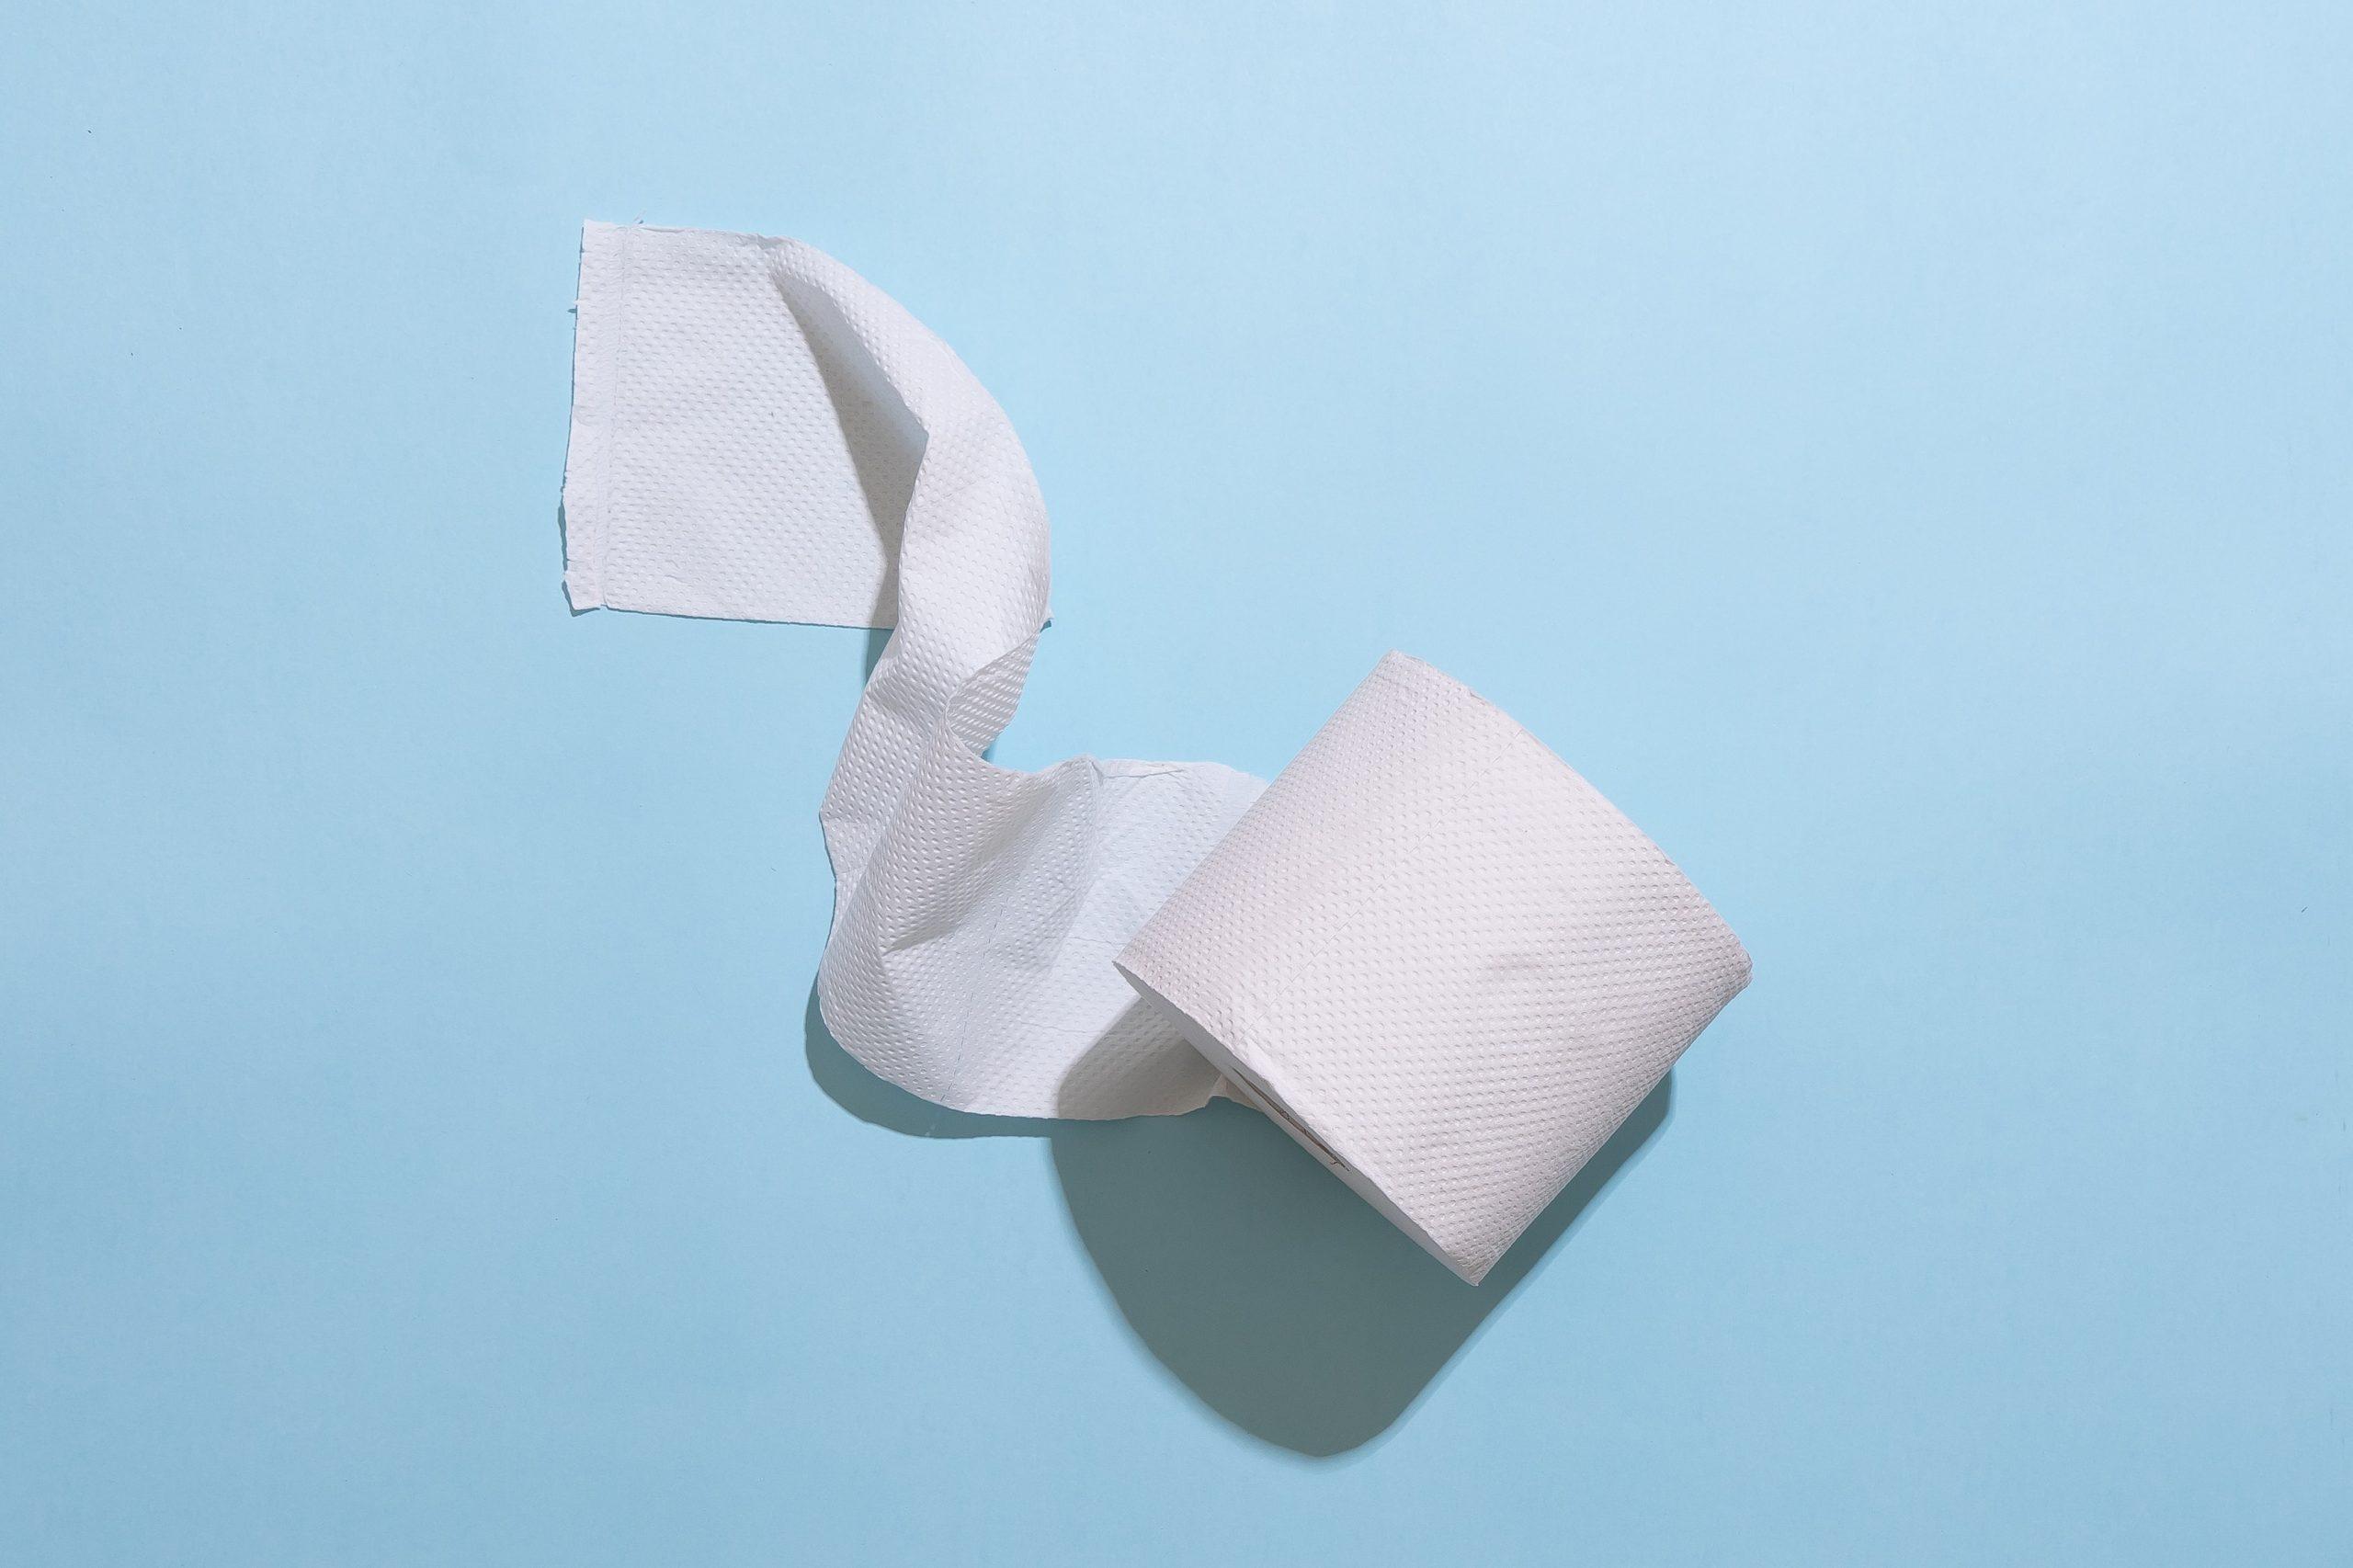 Toilet paper roll tissue coronavirus unsplash